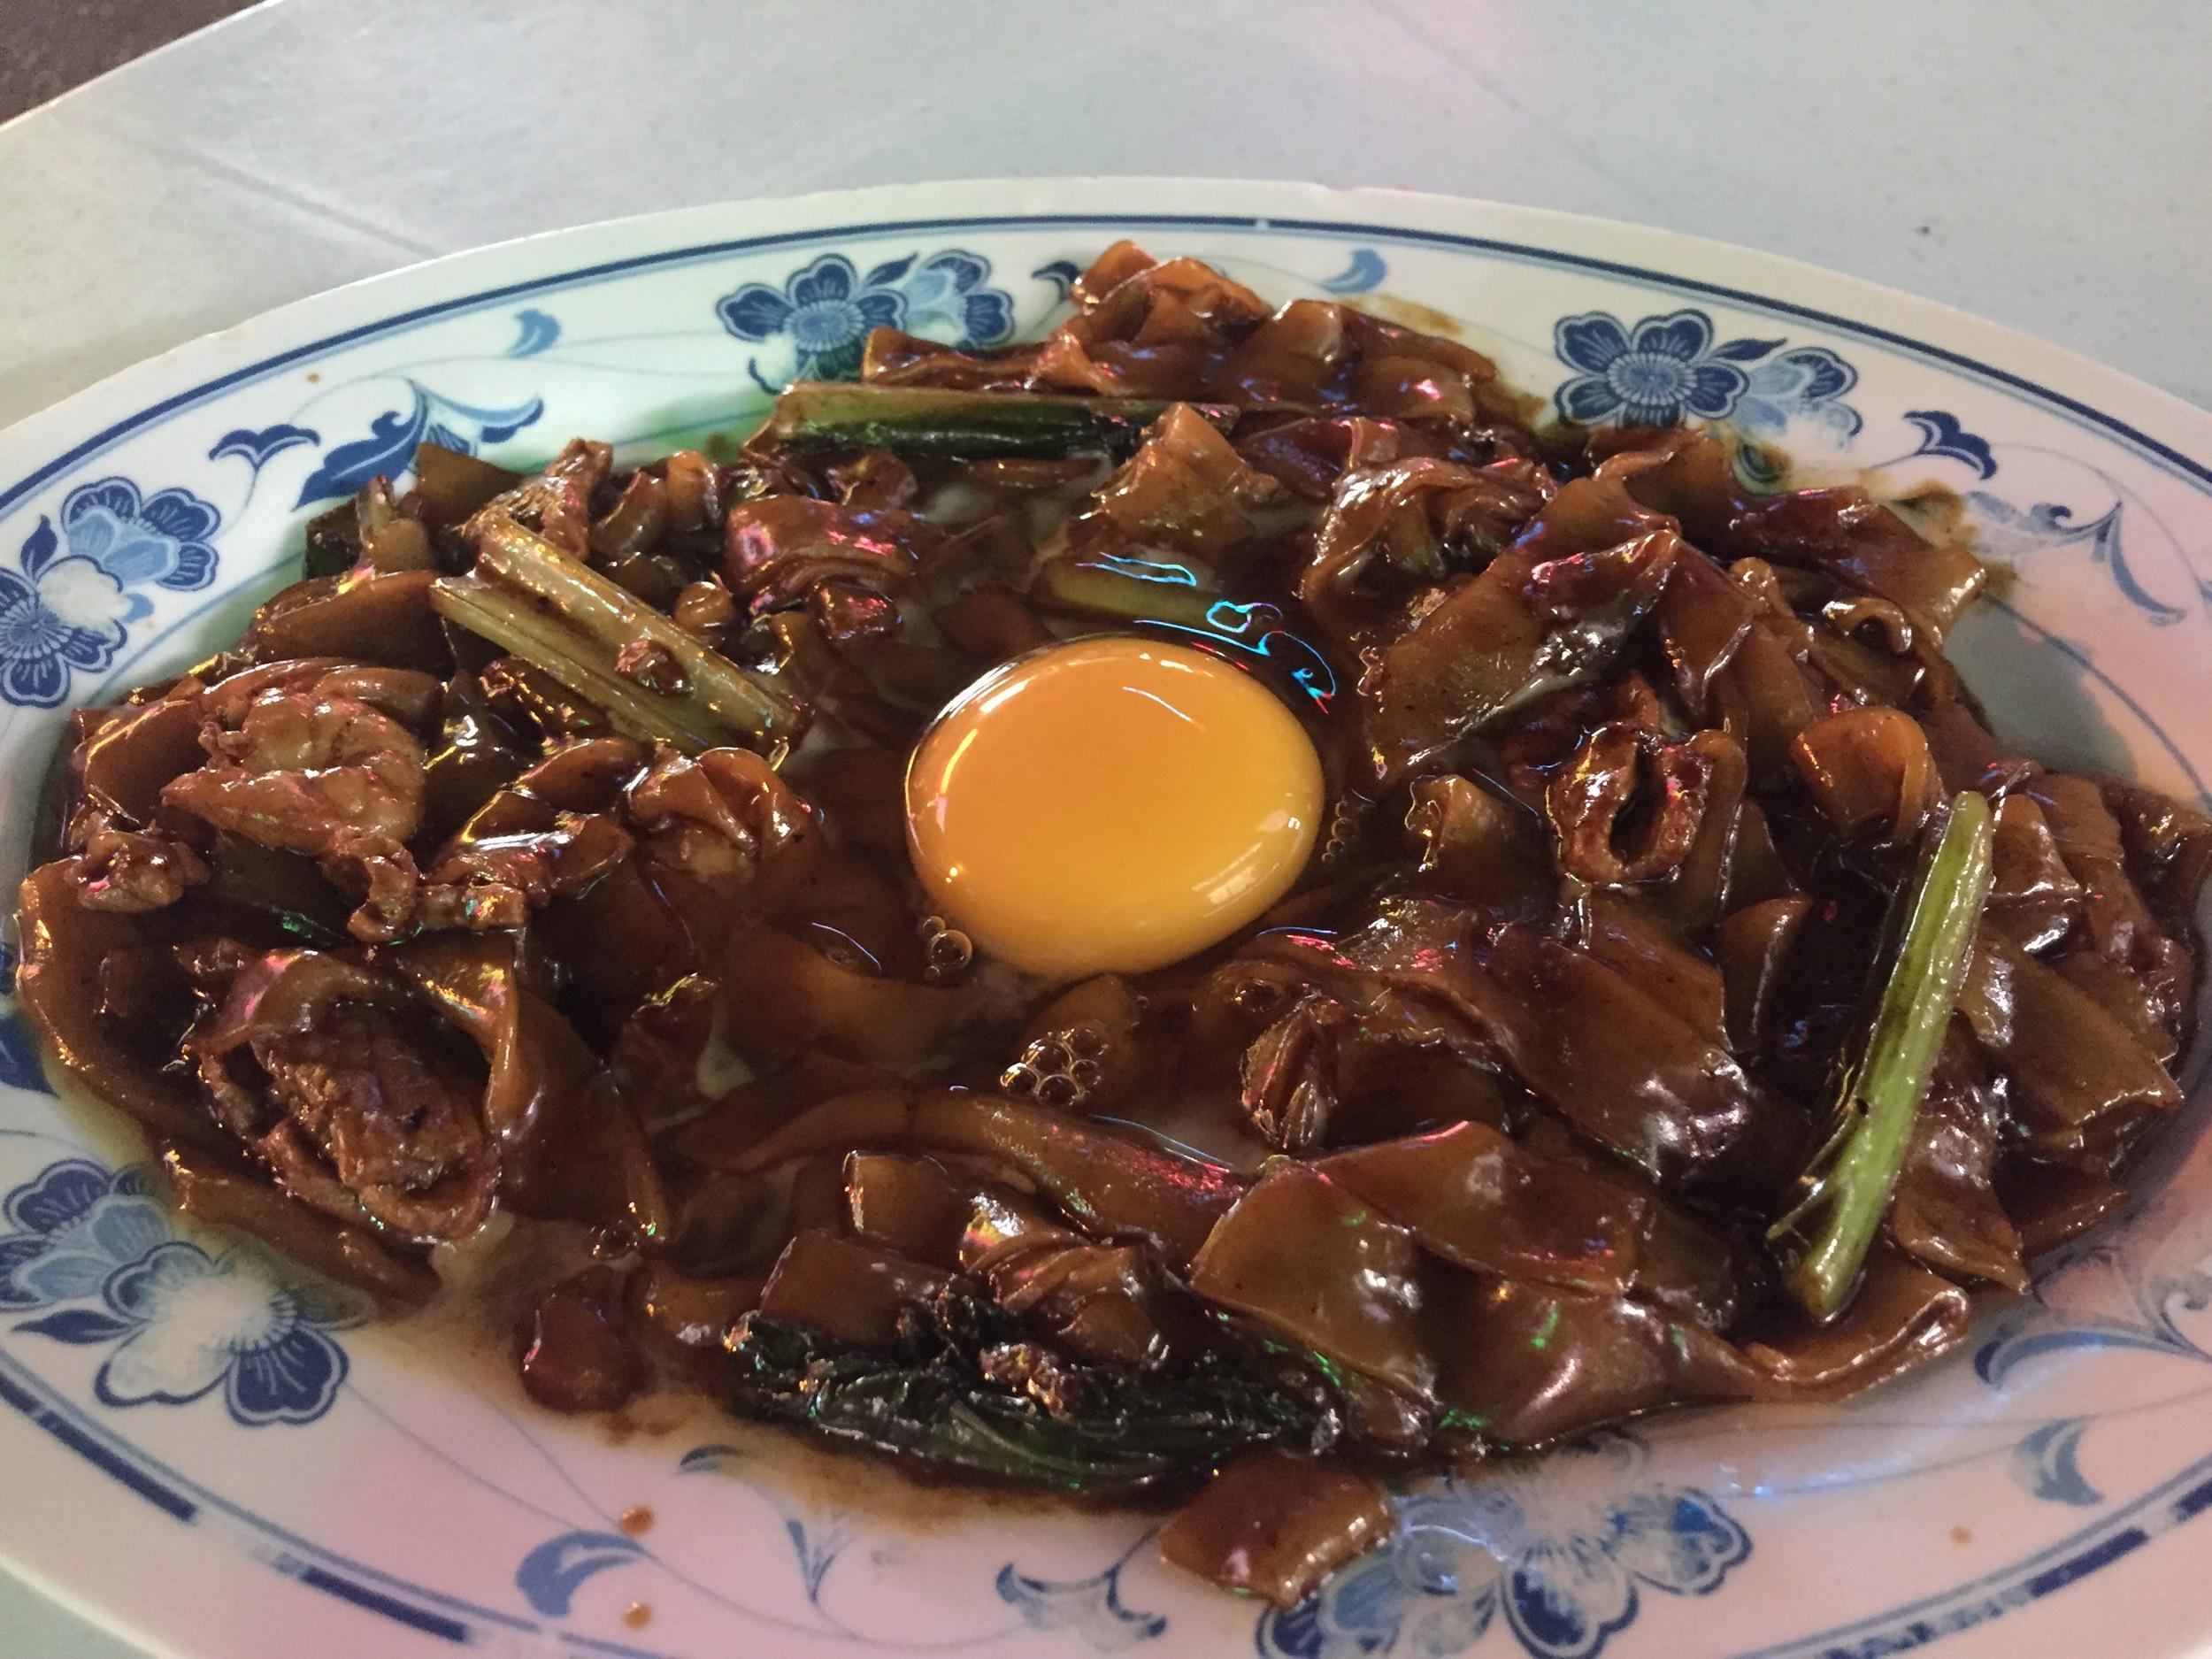 Moonriver noodles-super tasty!